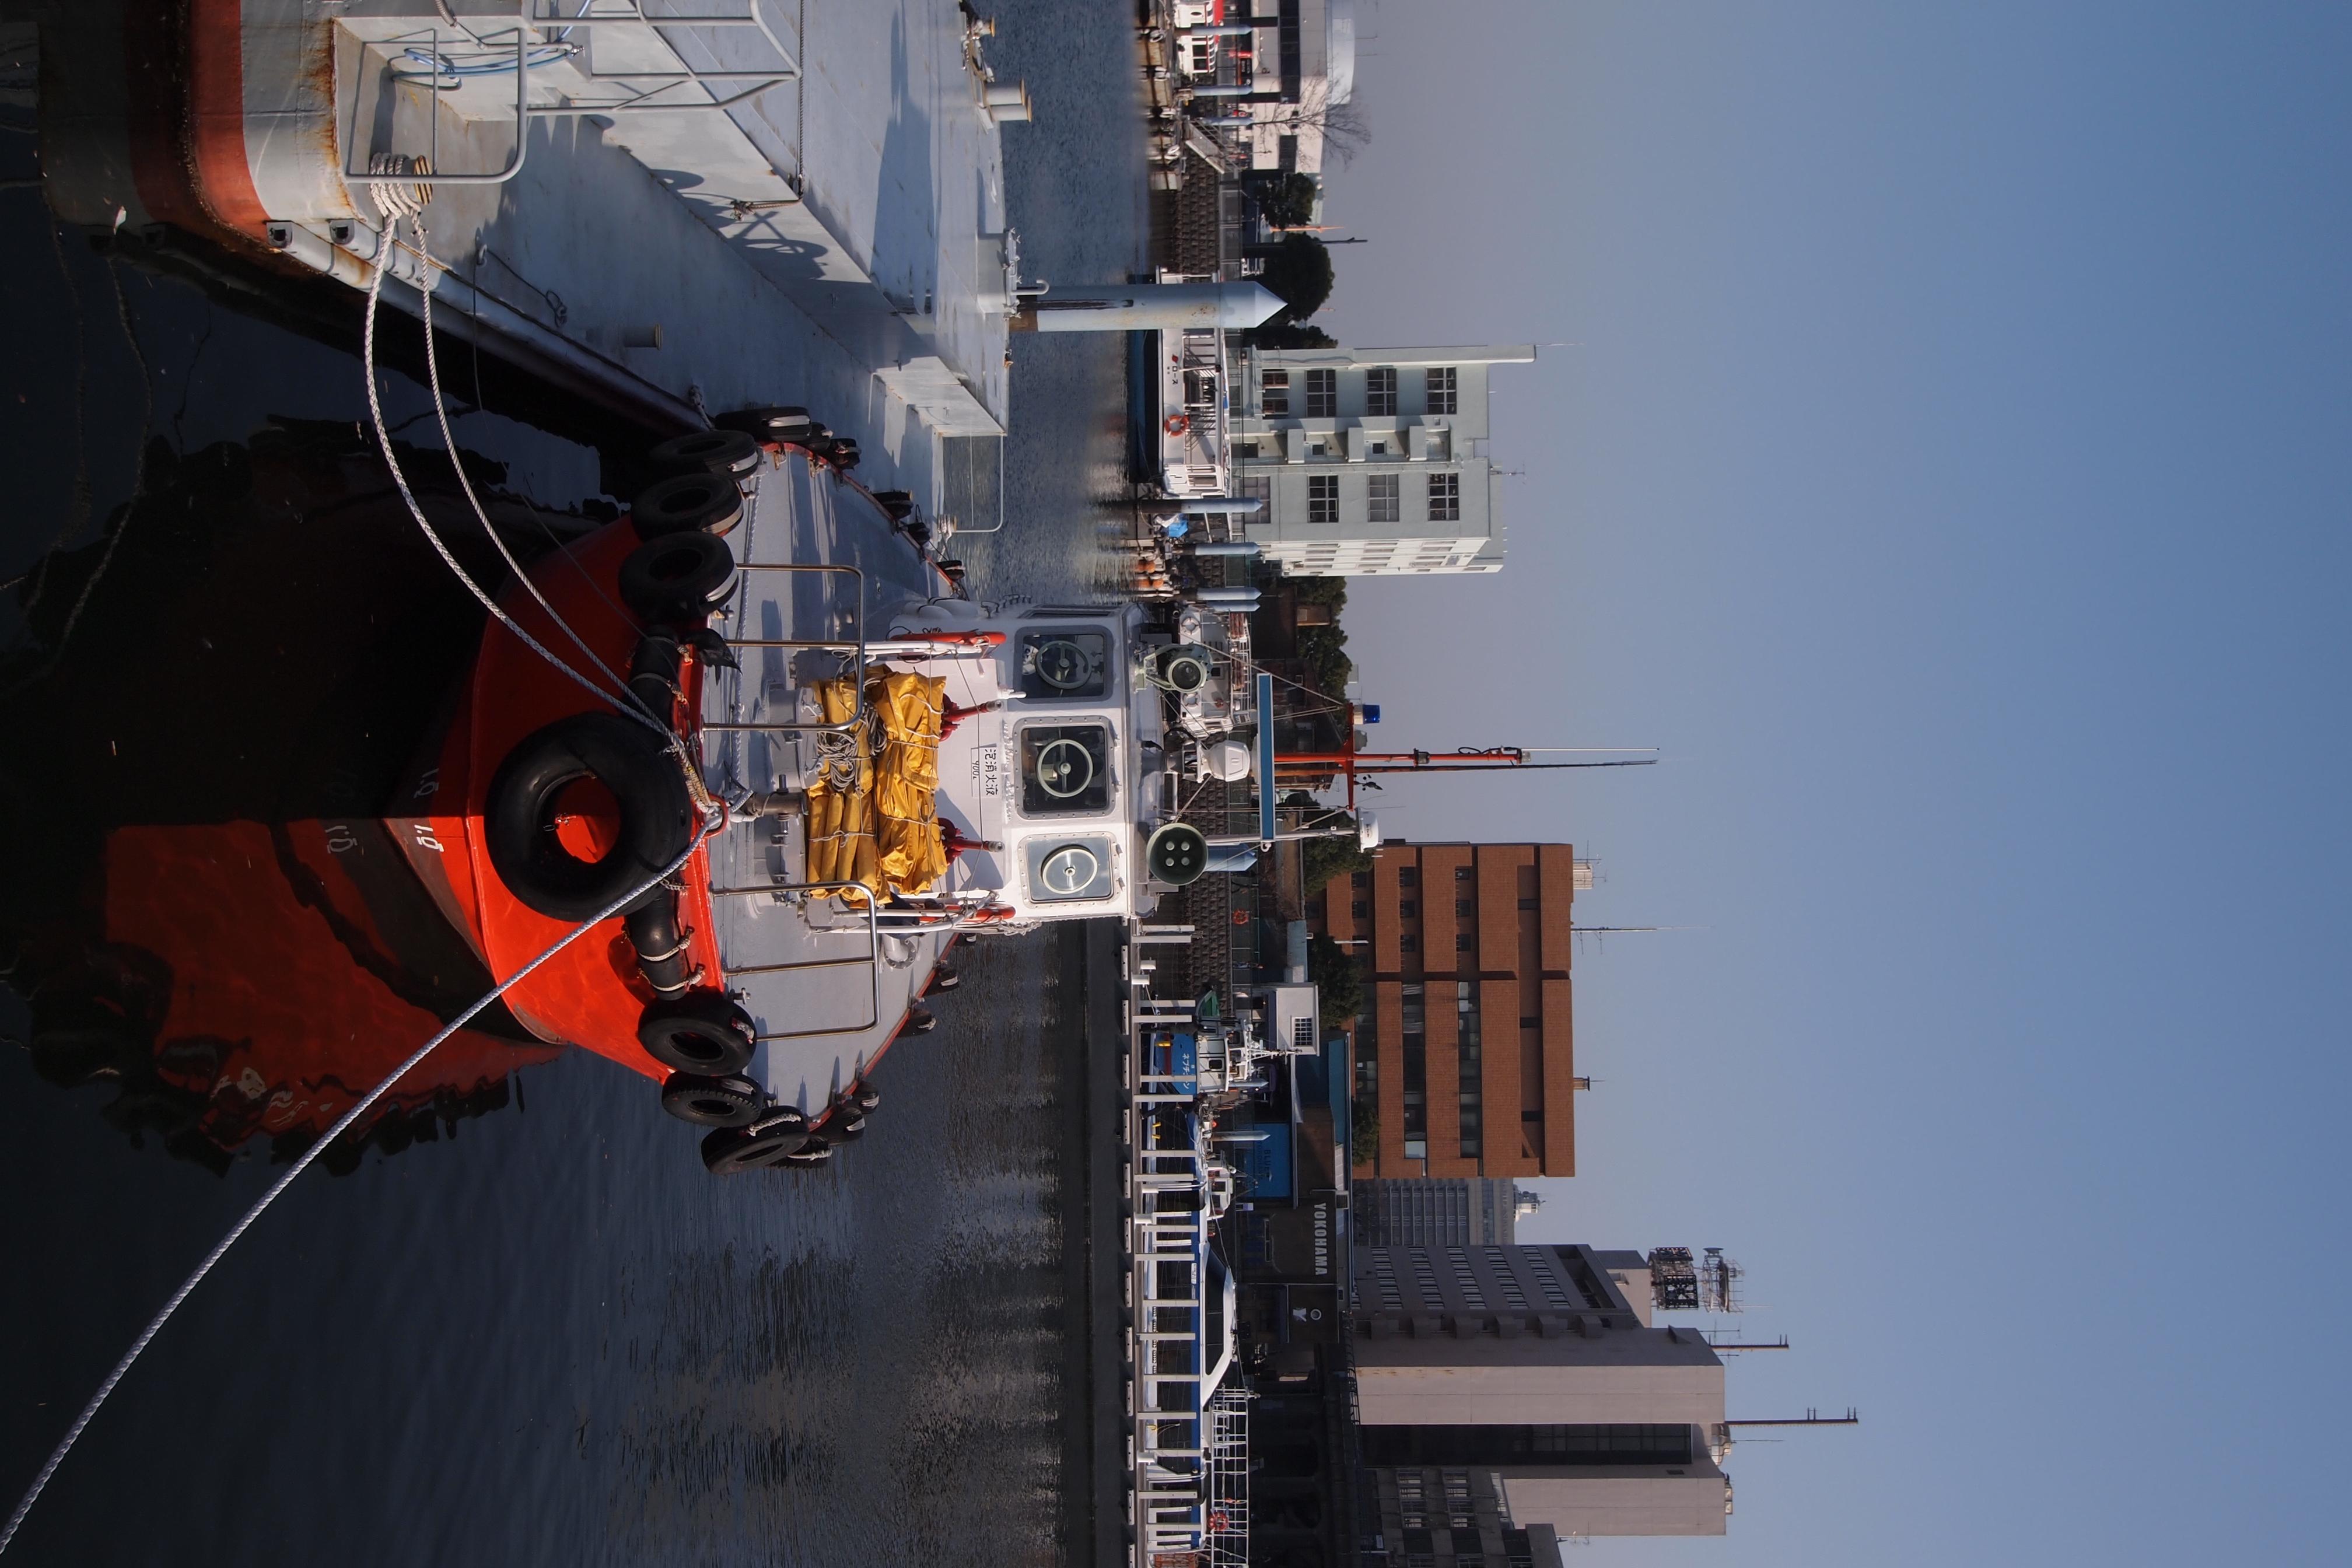 <b>大桟橋ふ頭の近くにある象の鼻パークに隣接している船着き場で撮った1コマ。船体の赤が鮮やか。E-PL2 / M.ZUIKO DIGITAL ED 9-18mm F4-5.6 / 4,032×2,688 / 1/640秒 / F8 / -0.3EV / ISO200 / WB:太陽光 / 18mm</b>